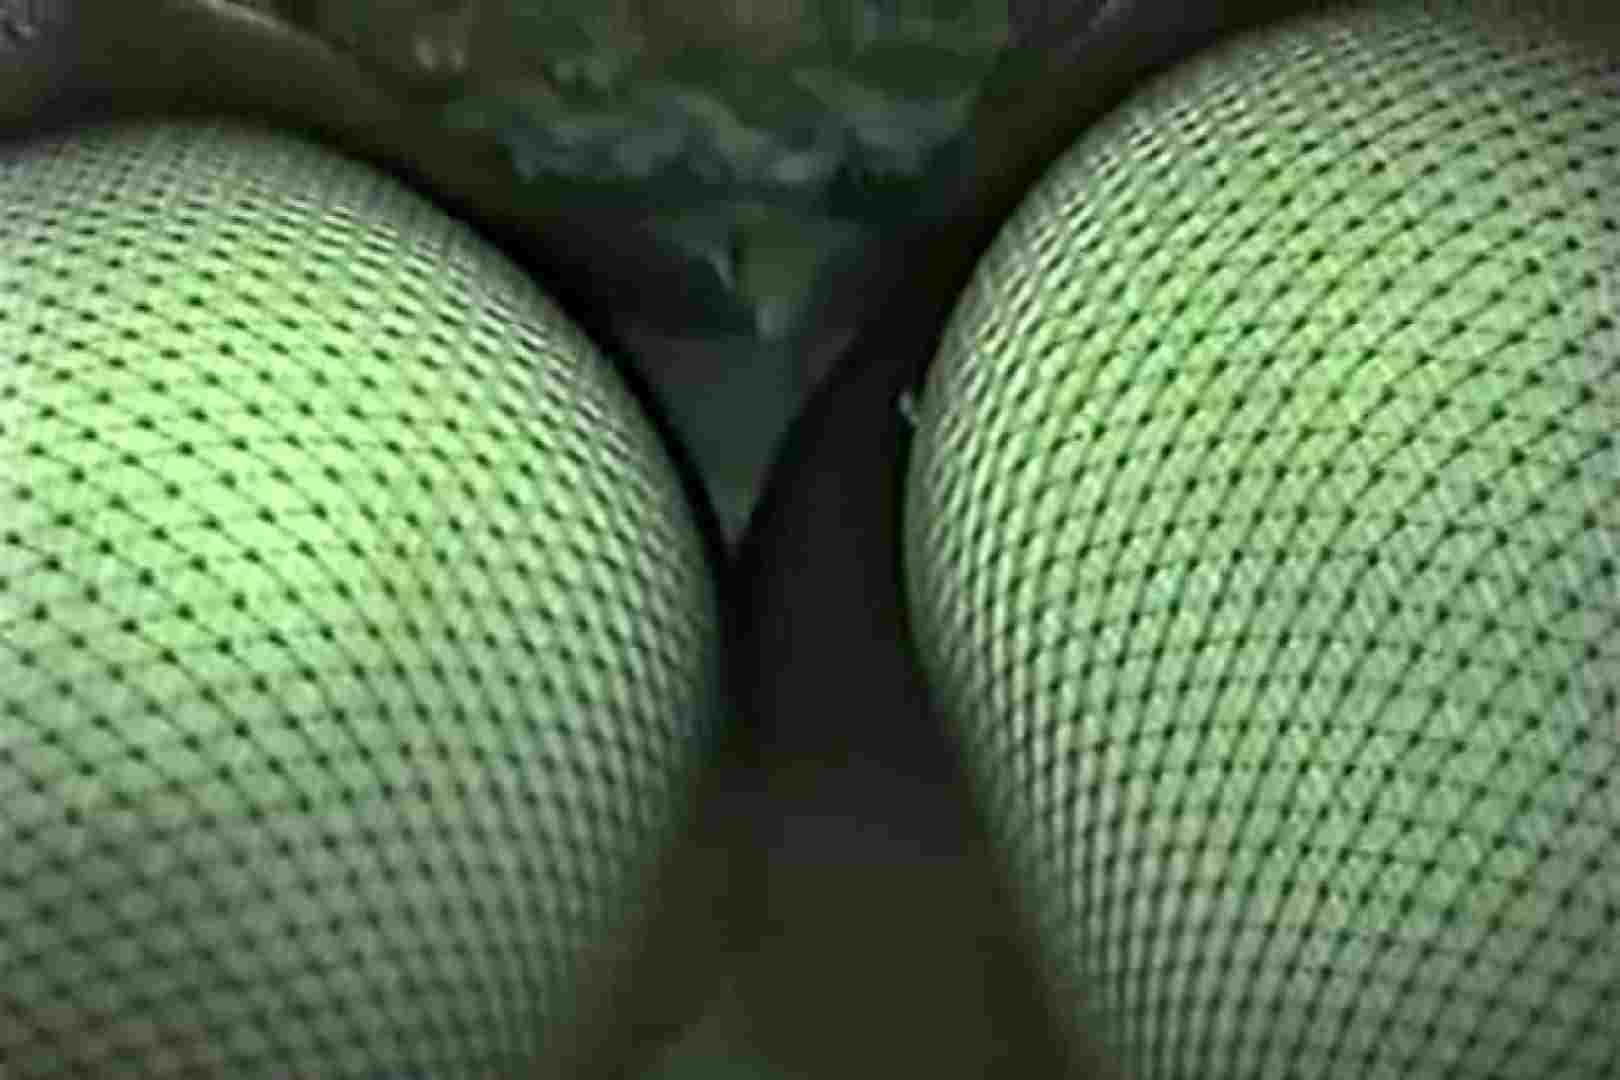 電車で発見!!デルタゾーンVol.4 パンチラ SEX無修正画像 82画像 14